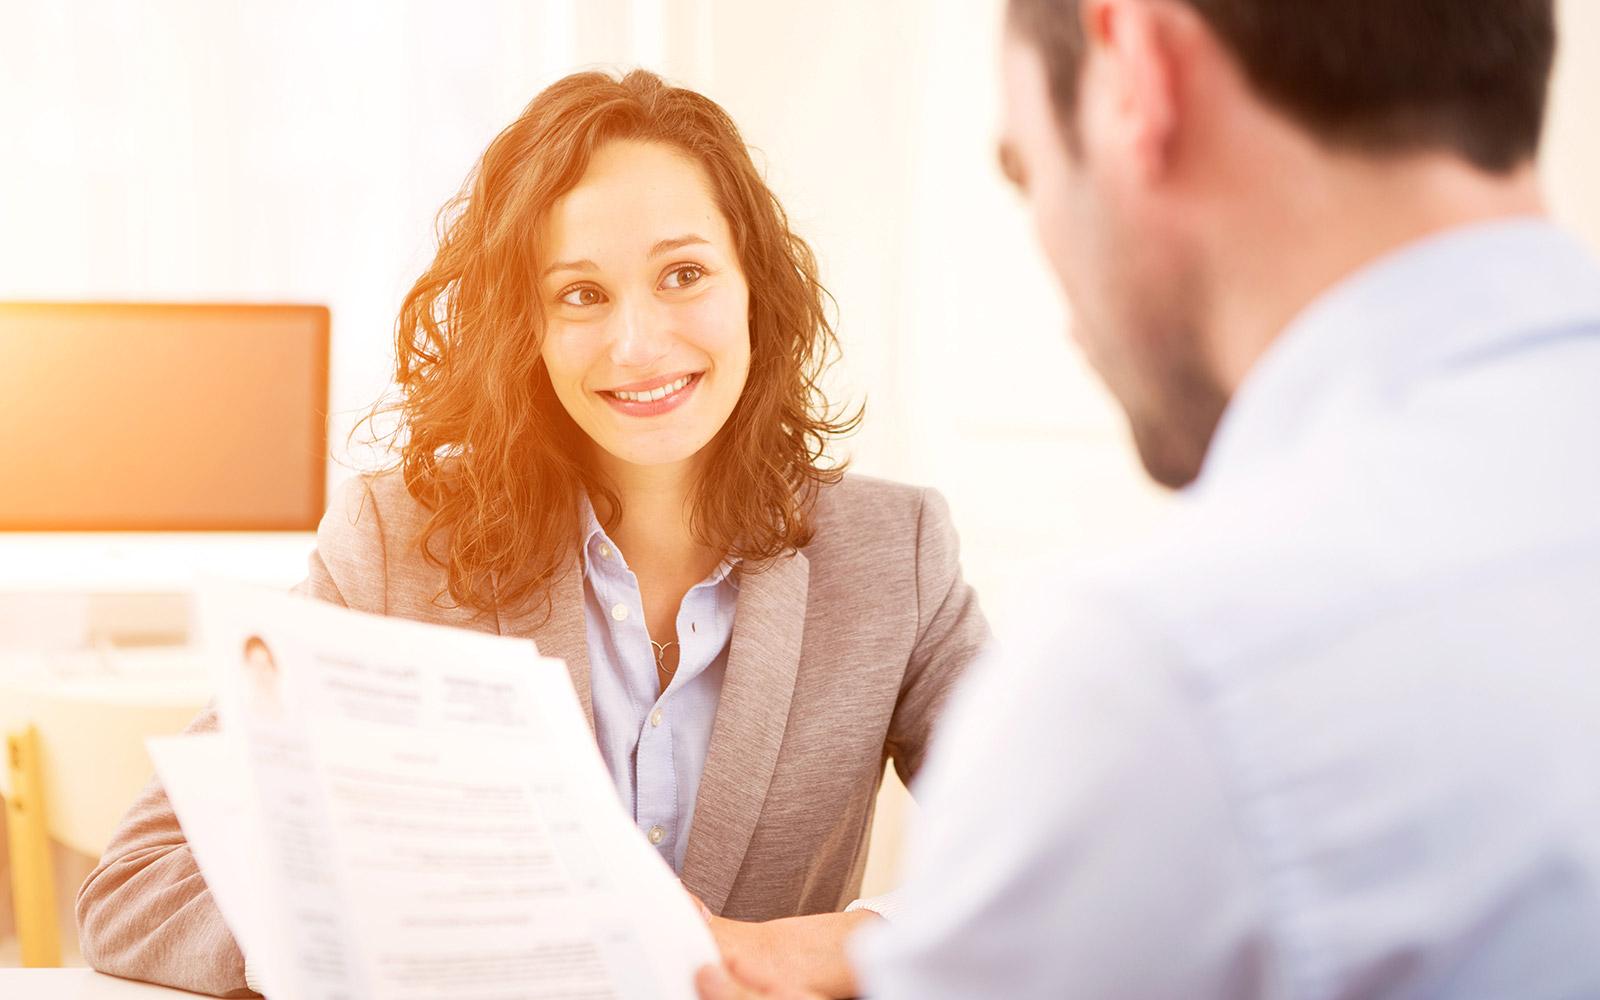 Job ohne Berufserfahrung? Berufserfahrung ohne Job? - whatchaBlog